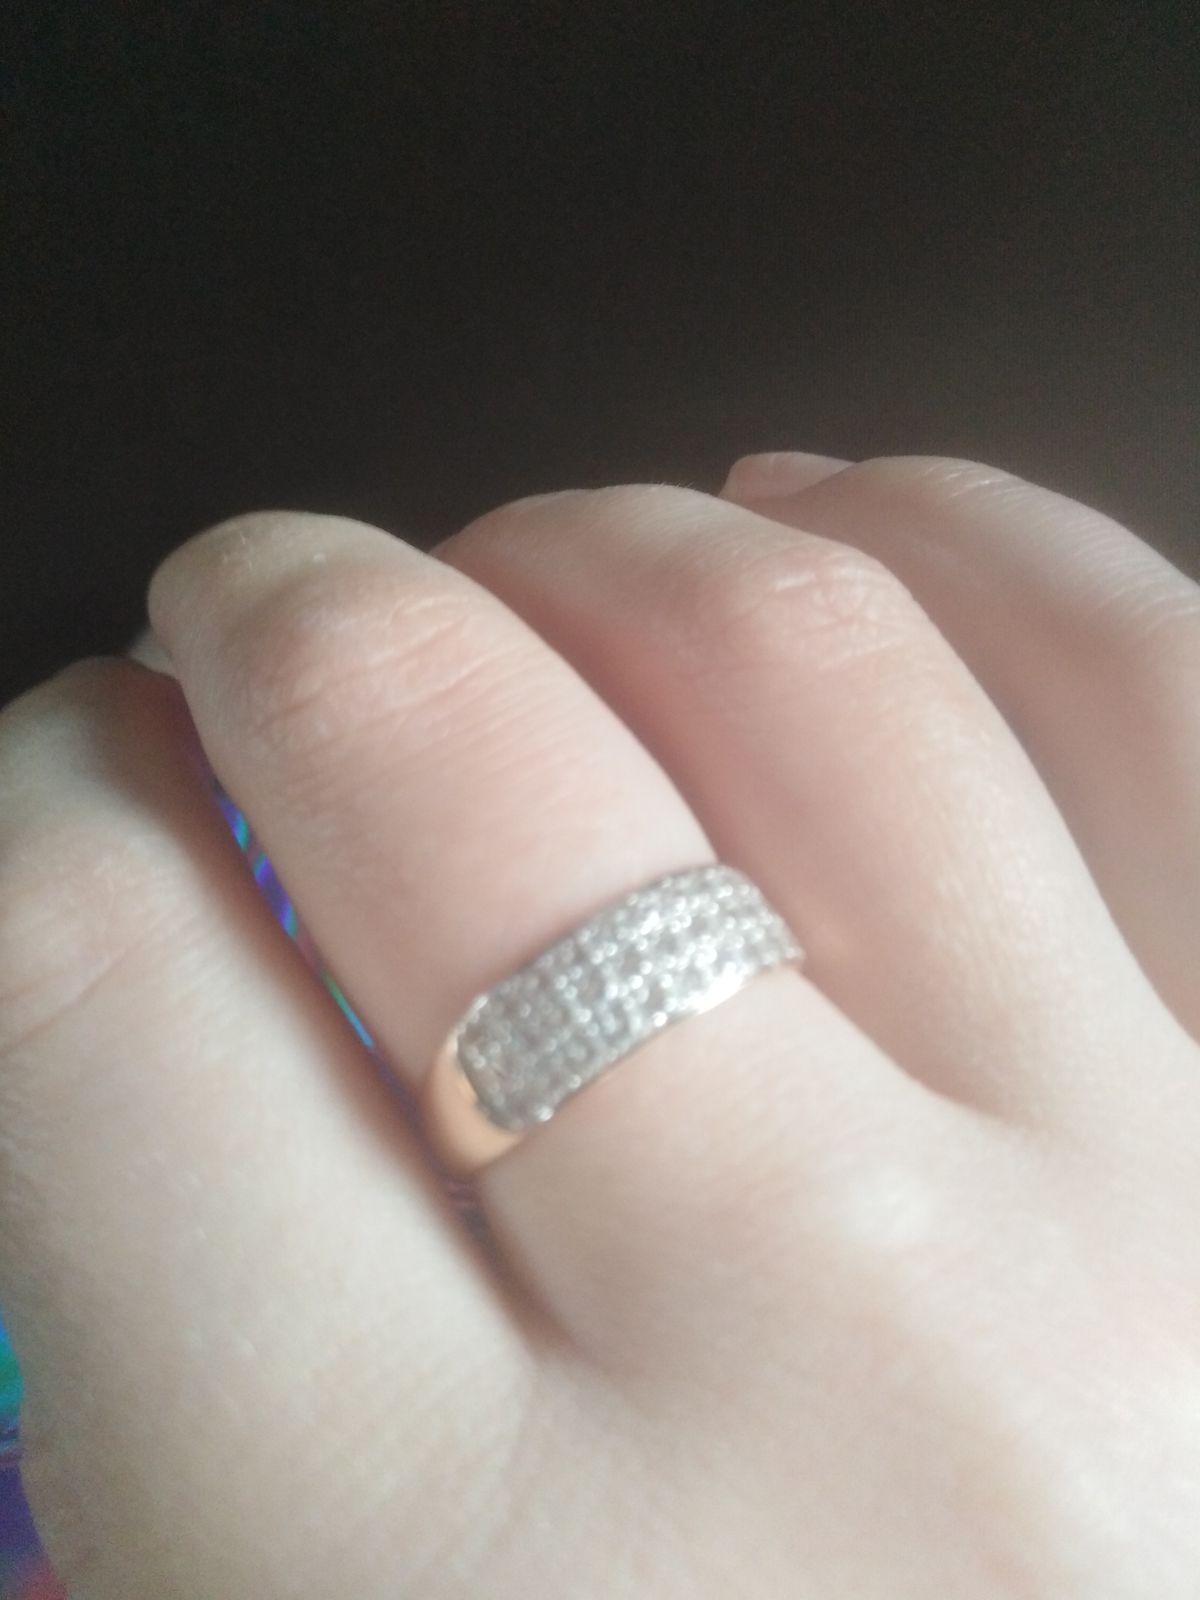 Офигенное кольцо!!!